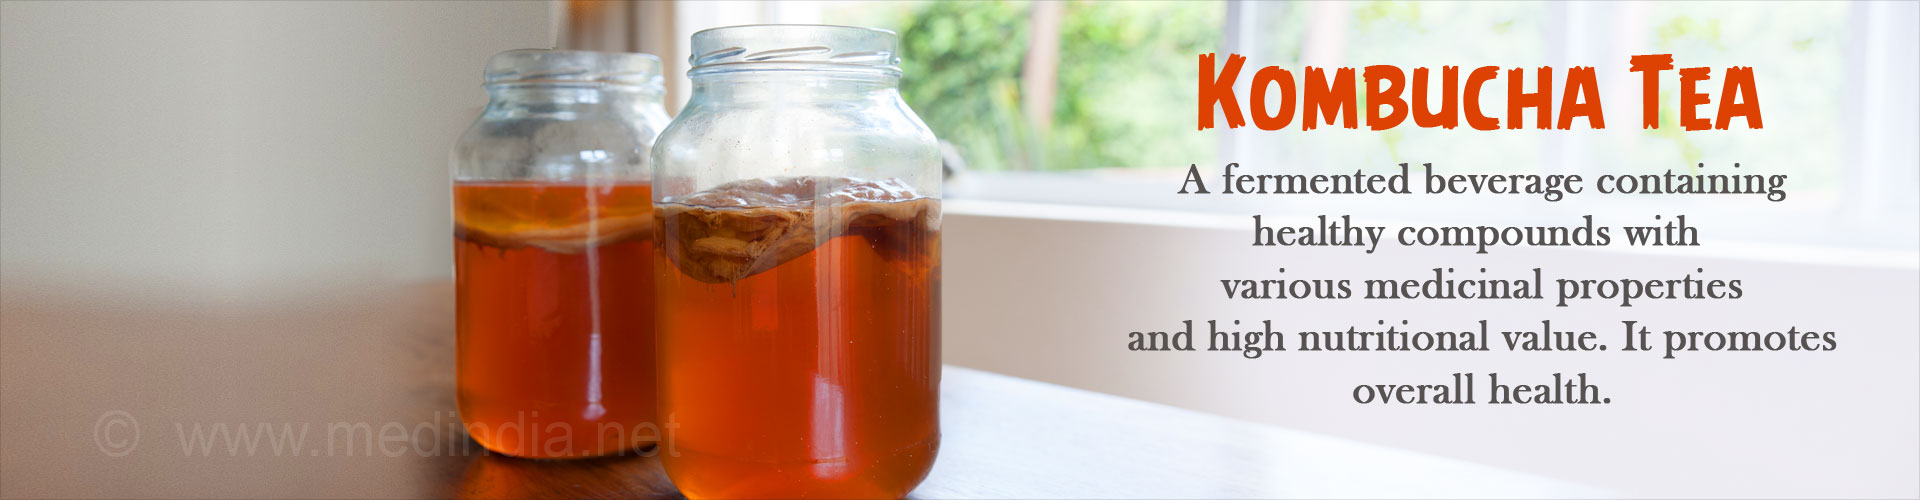 Health Benefits of Kombucha Tea